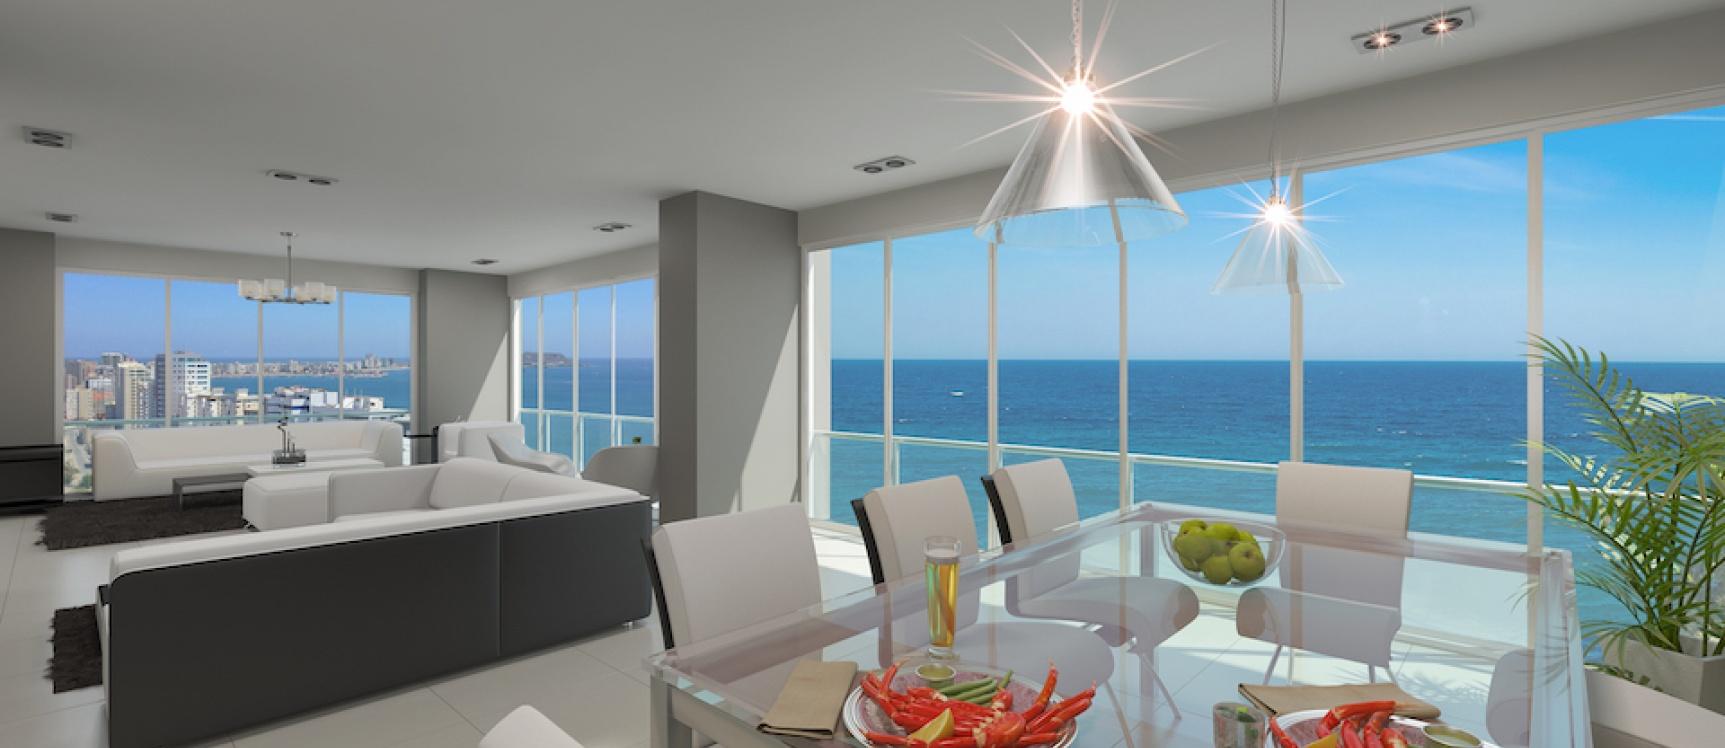 GeoBienes - Departamento de 4 dormitorios frente al mar - Plusvalia Guayaquil Casas de venta y alquiler Inmobiliaria Ecuador